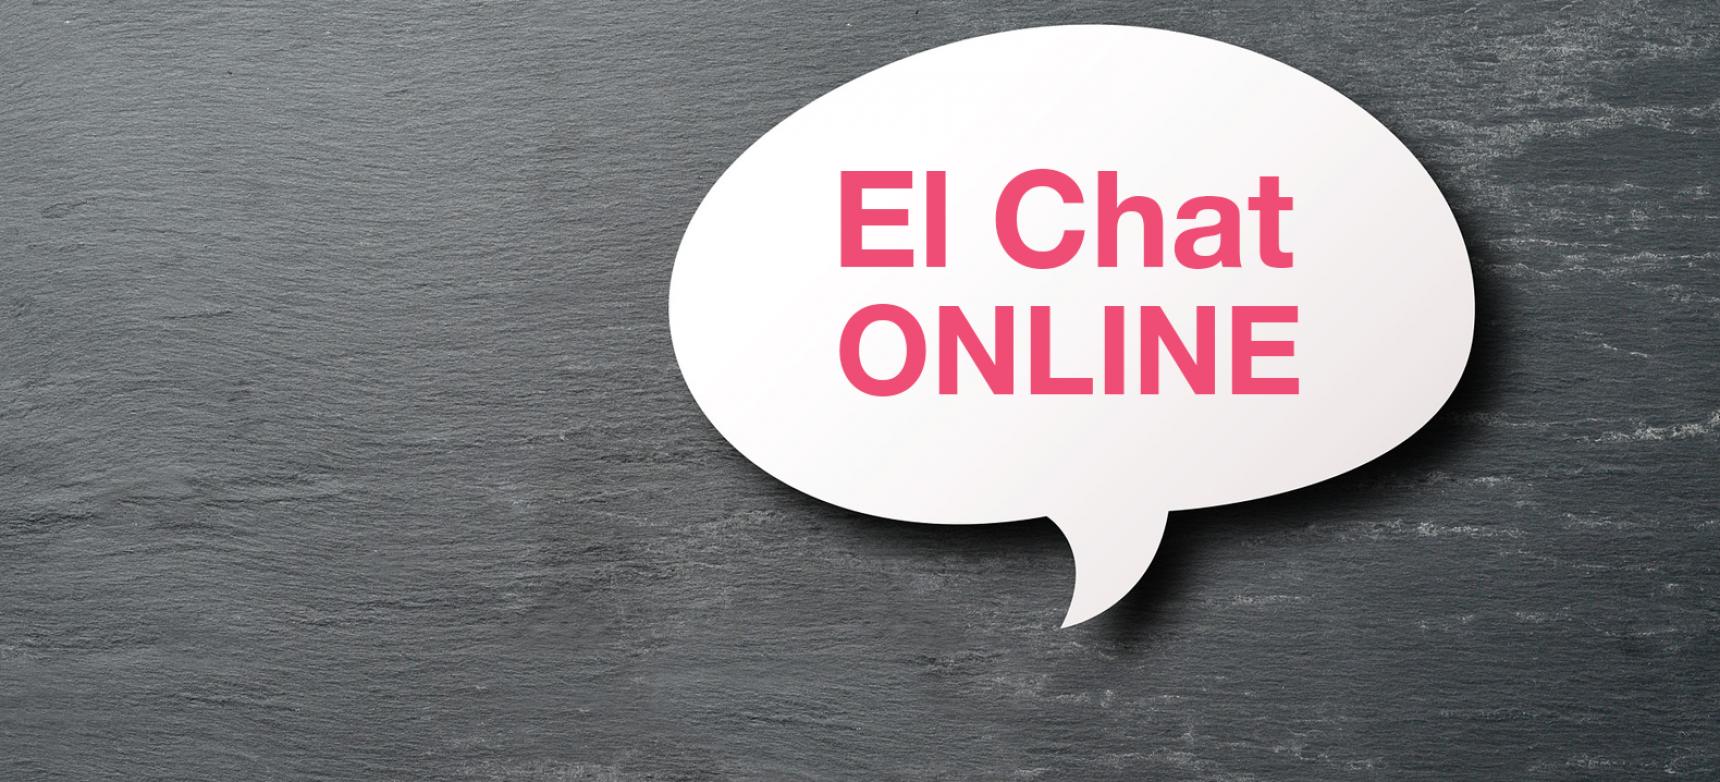 El Chat Online en la Atención al Cliente